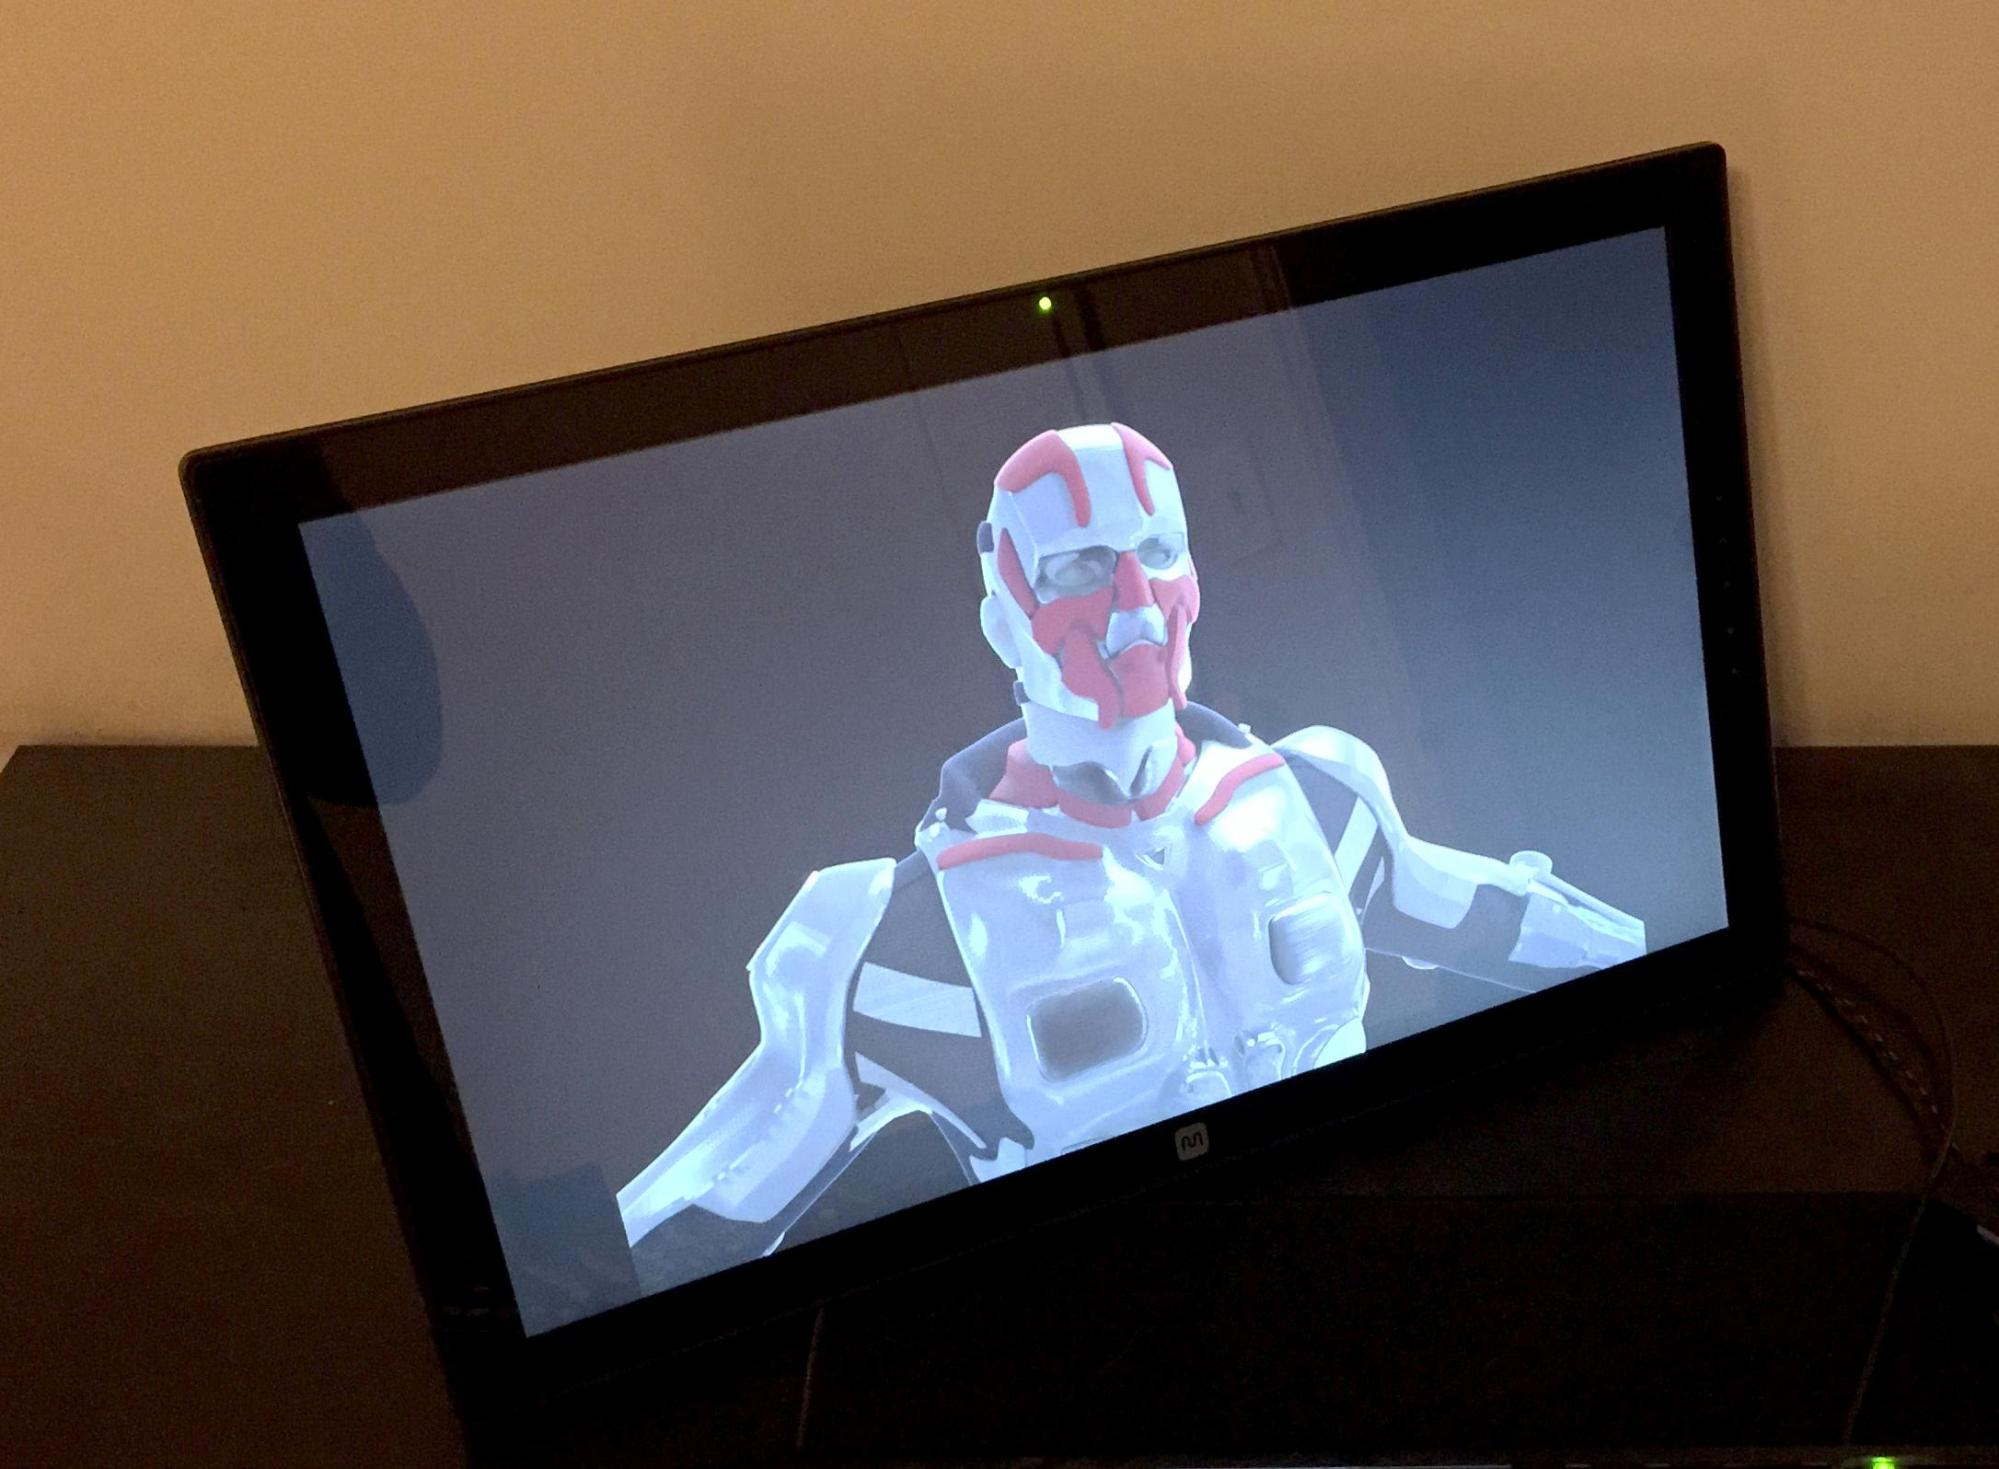 Surface Pro Artist — Surface Pro Artist